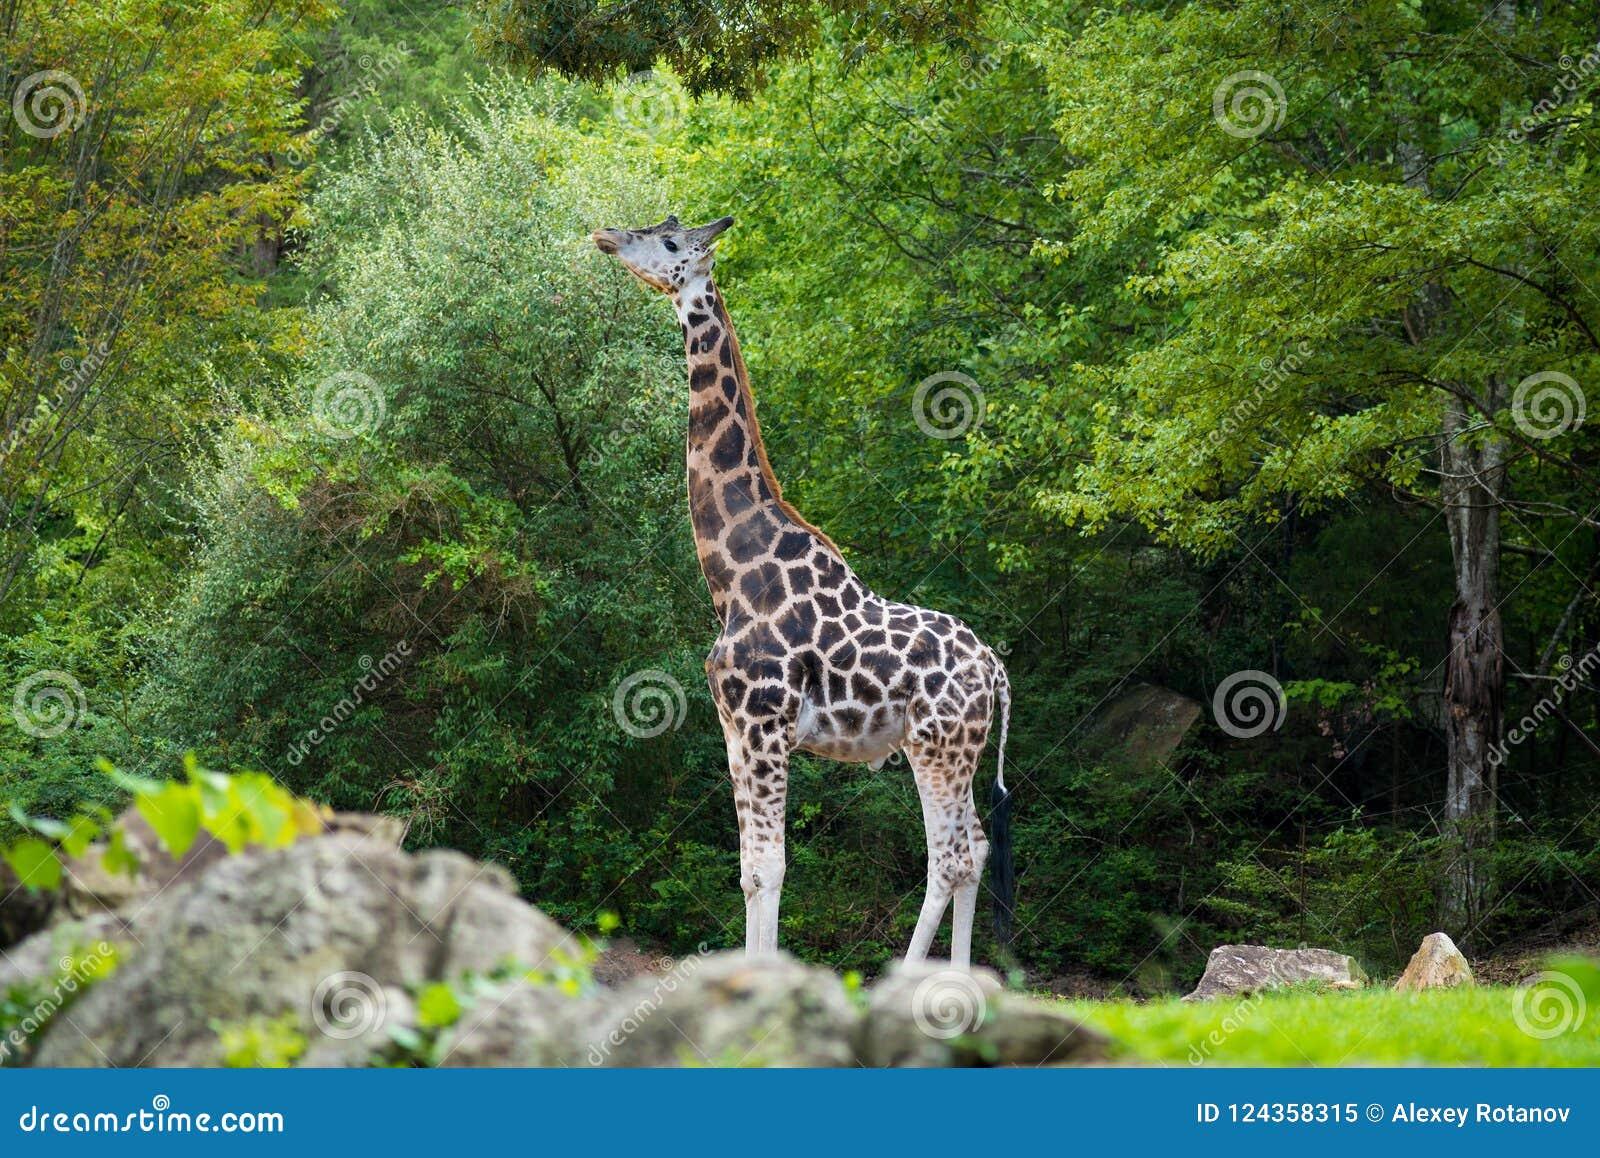 Große Giraffe in seinem natürlichen Lebensraum